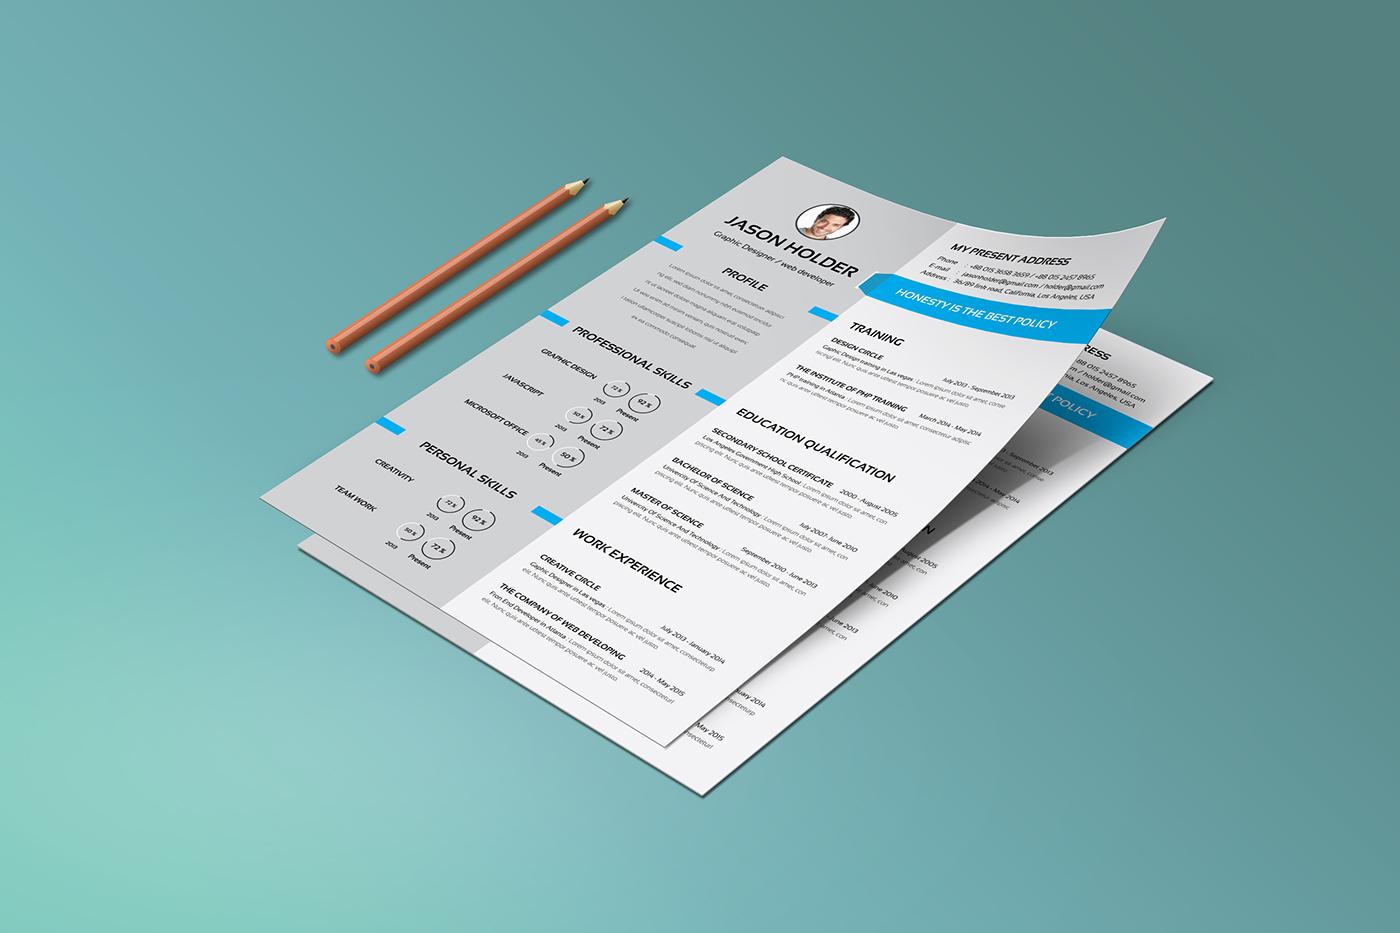 Kỹ năng viết CV nổi bật bằng cách sử dụng từ hành động